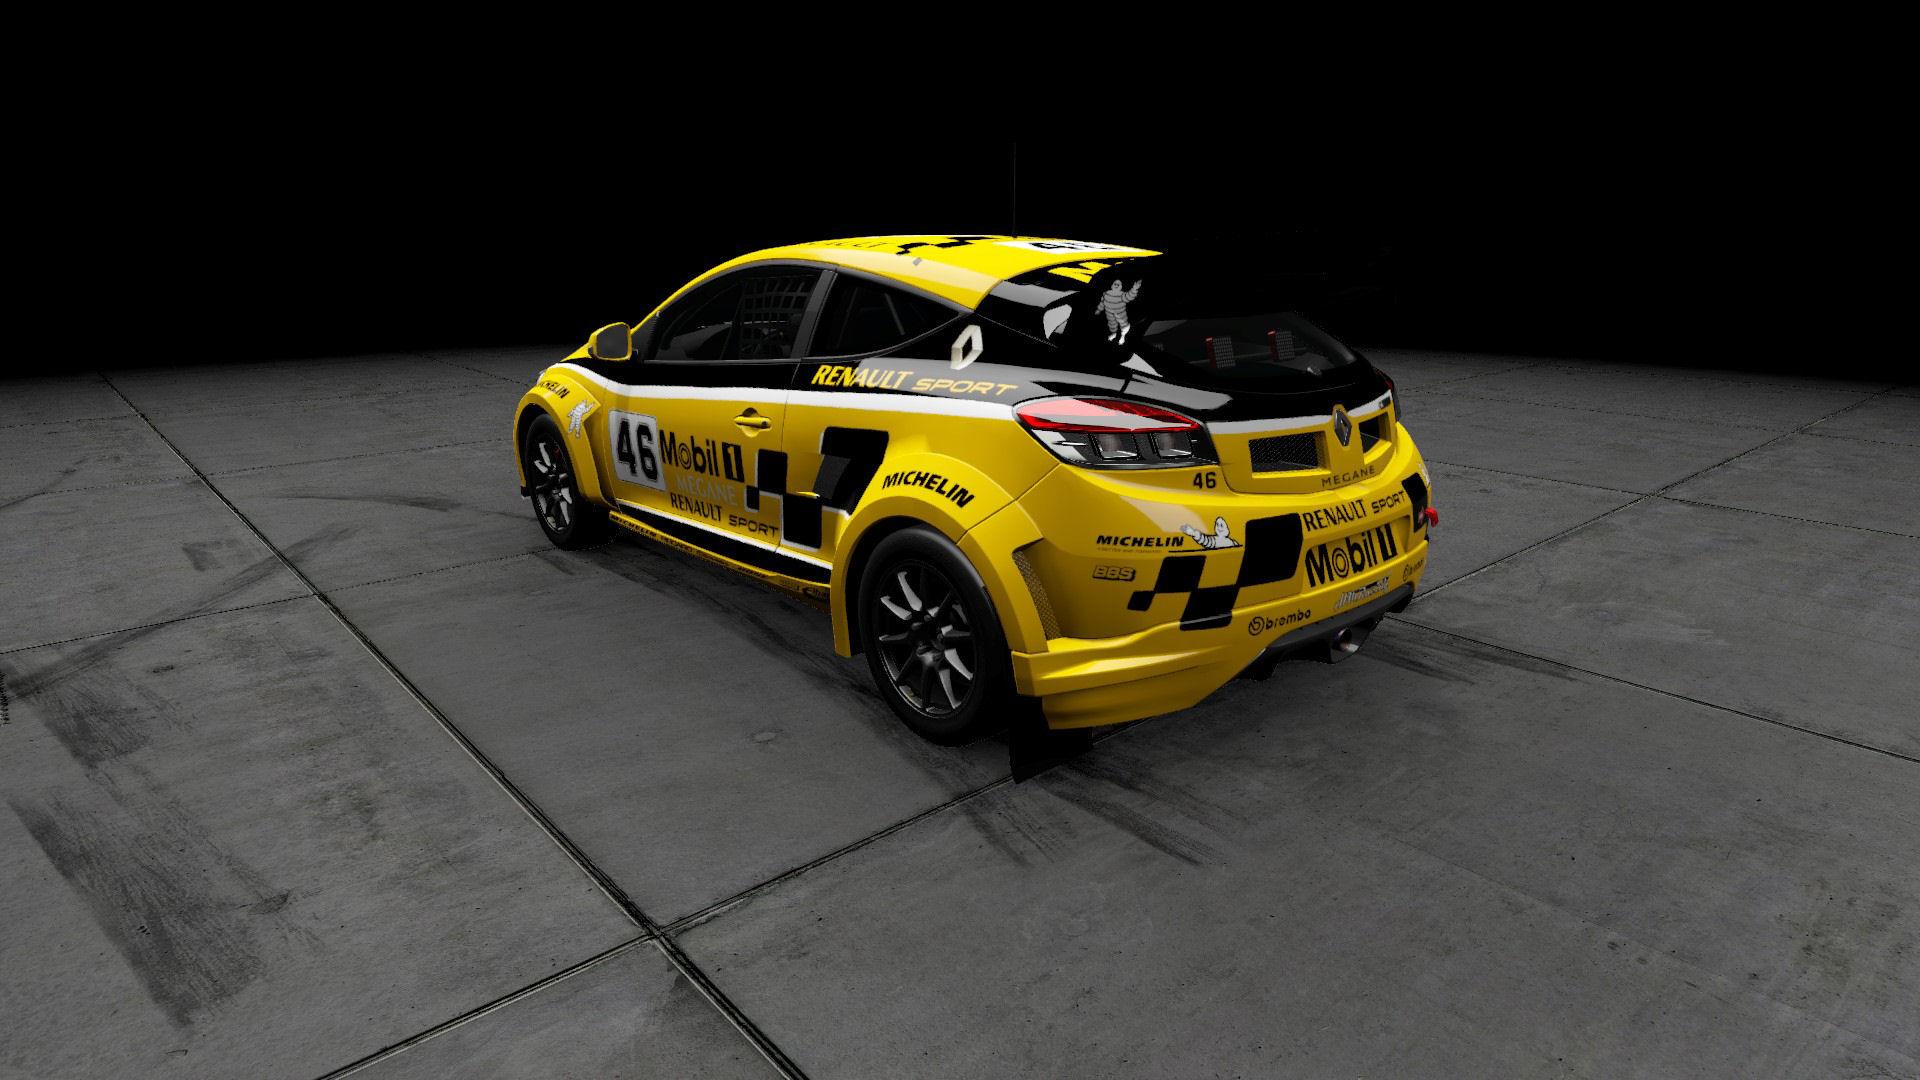 RS Renault Megane RX v2 03.jpg